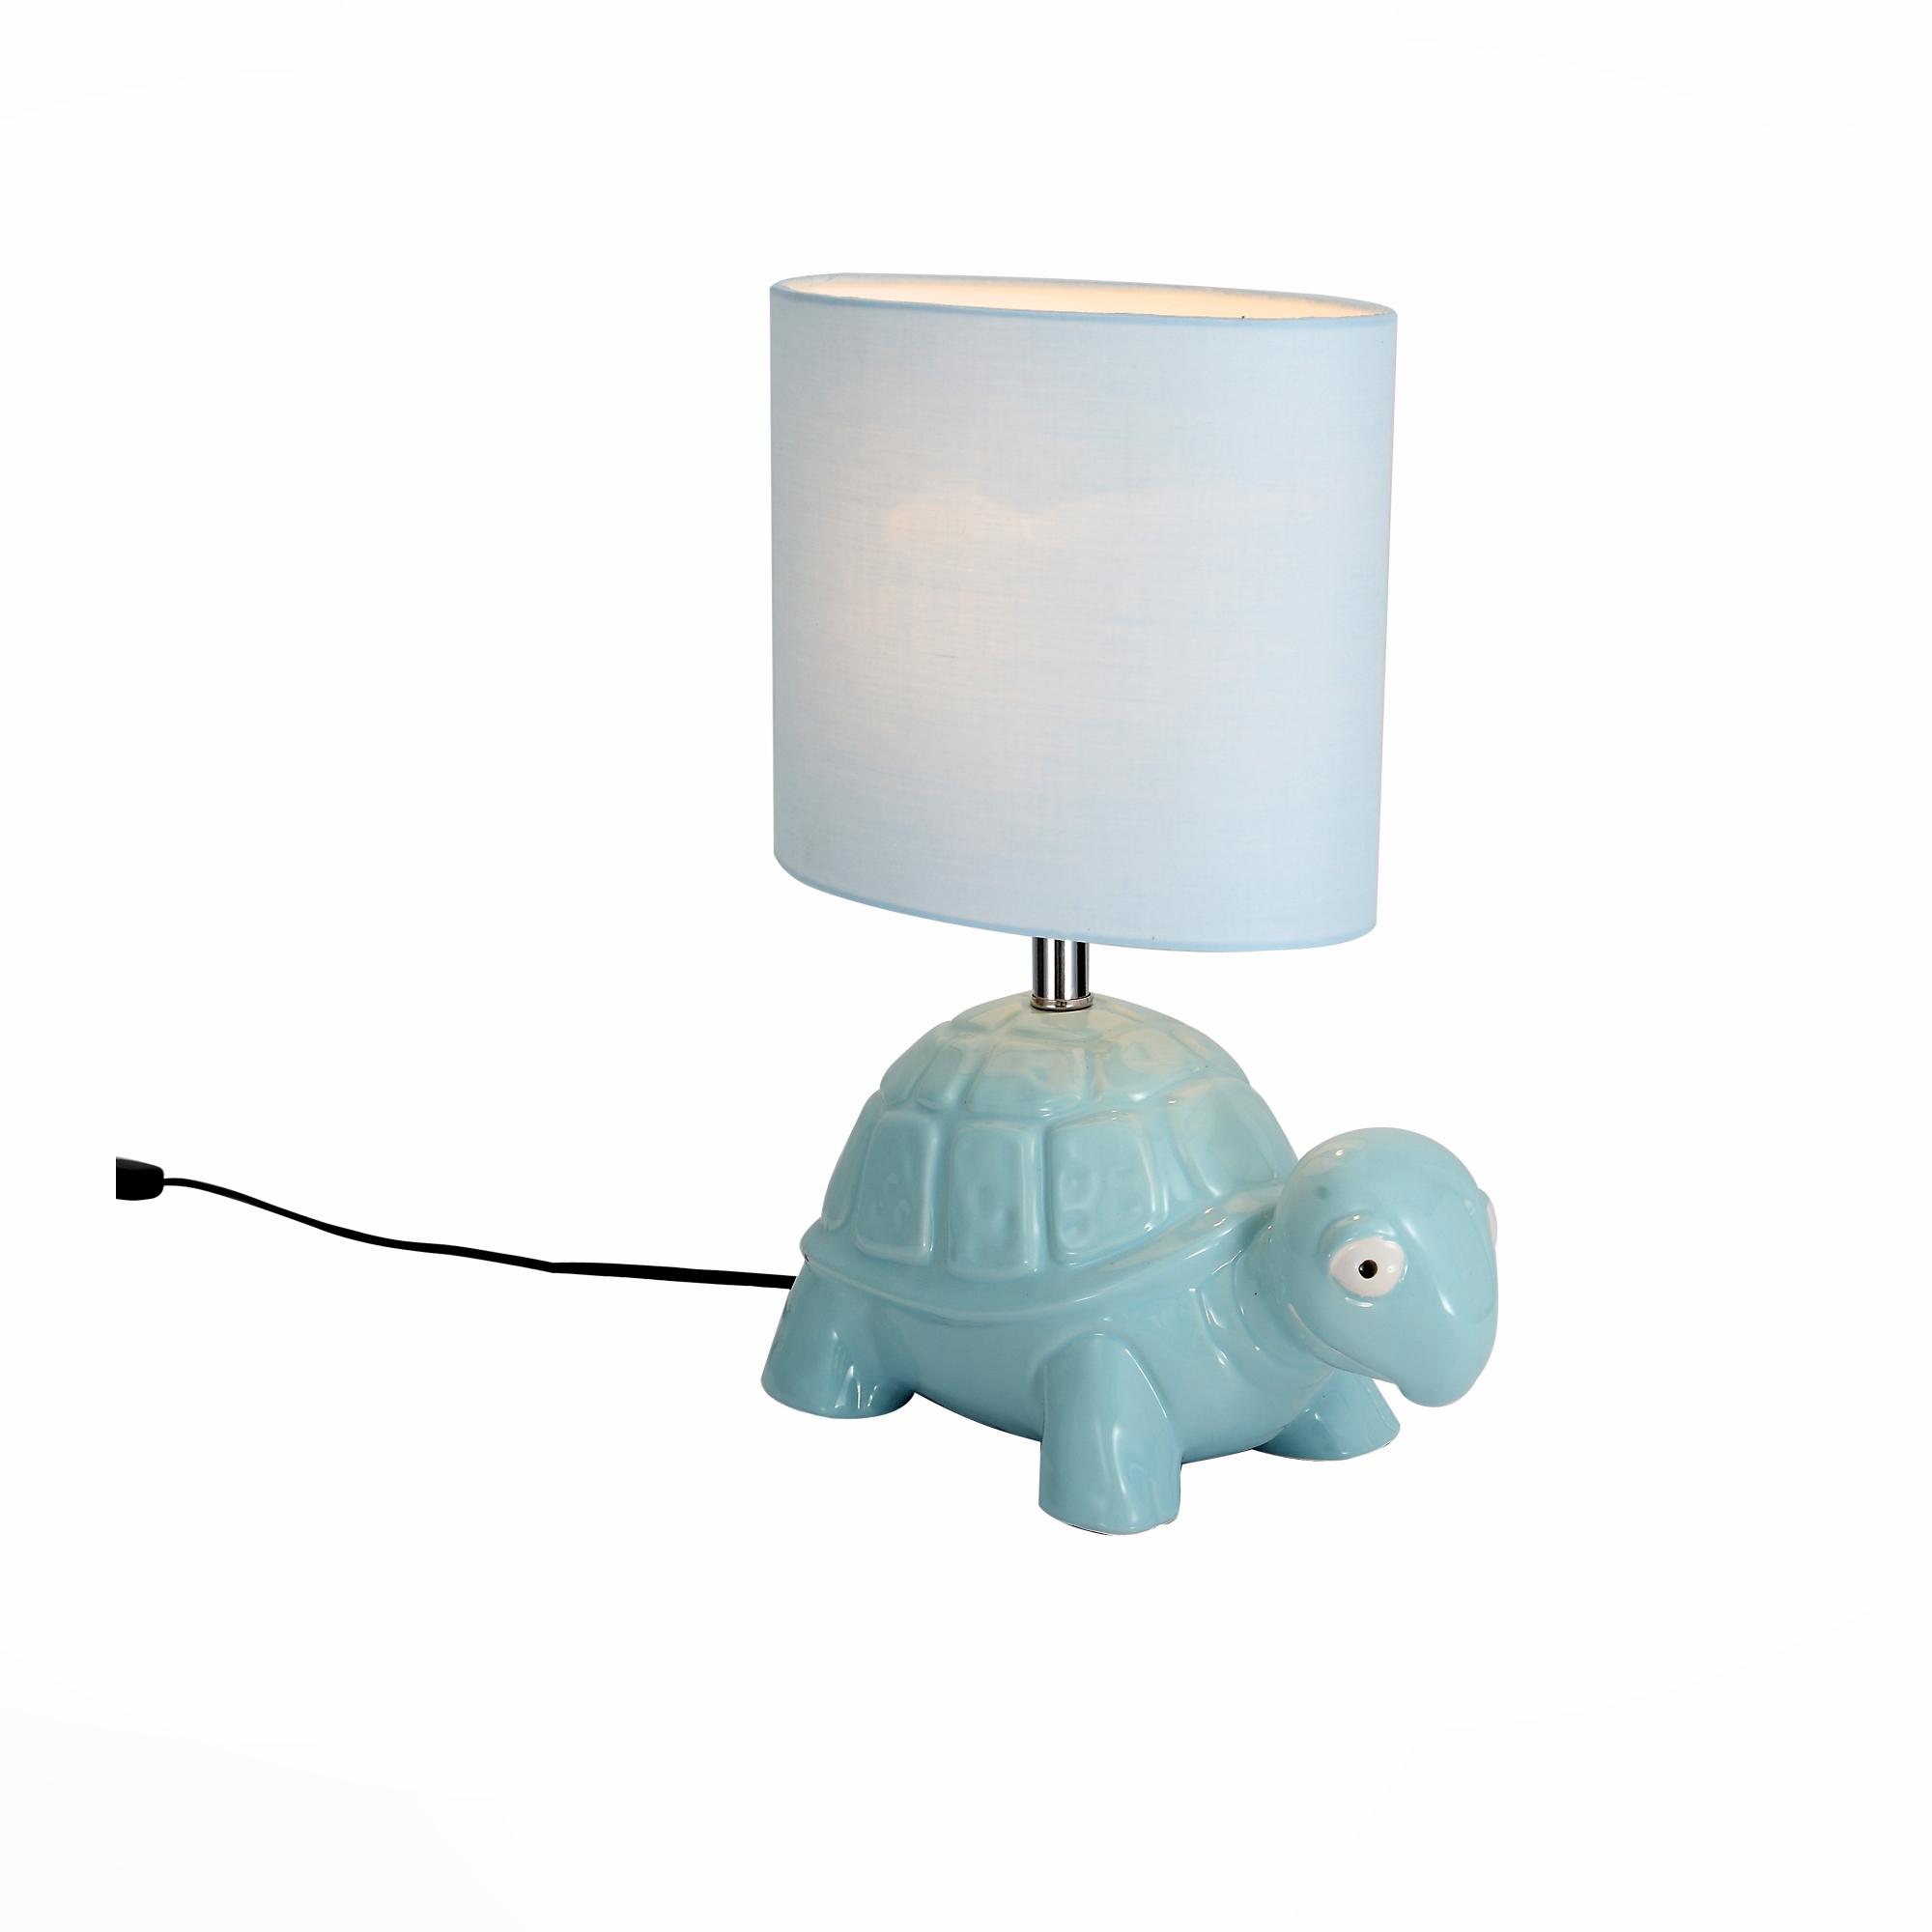 SL981.804.01 Настольная лампа черепашка ST-Luce TABELLA